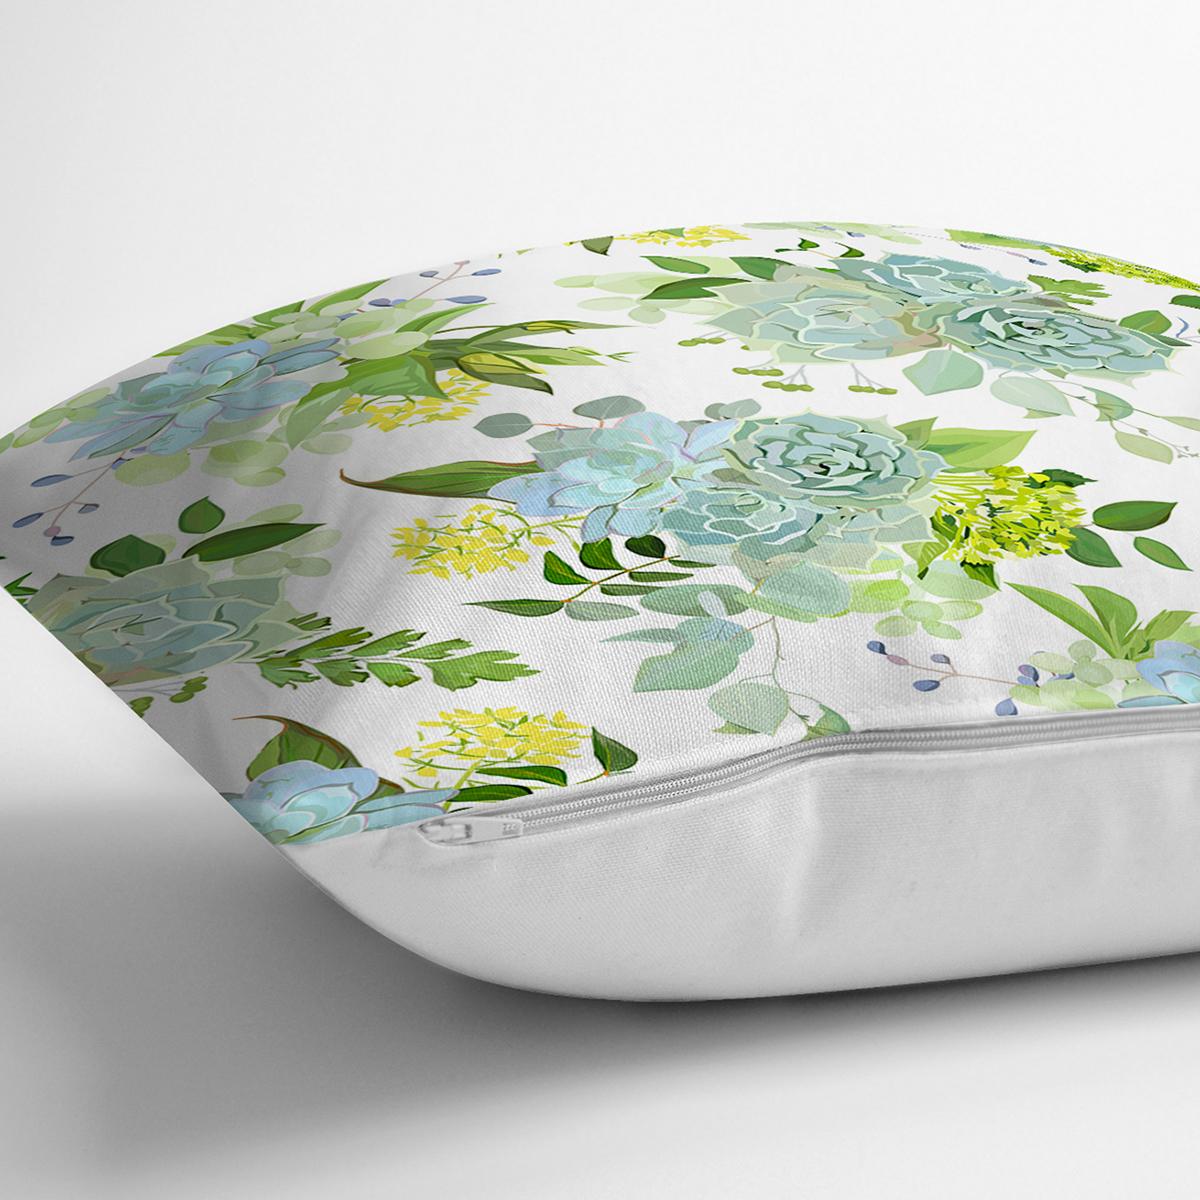 Beyaz Zemin Üzerinde Yeşil Renkli Çiçek Desenli Modern Yastık Kırlent Kılıfı Realhomes